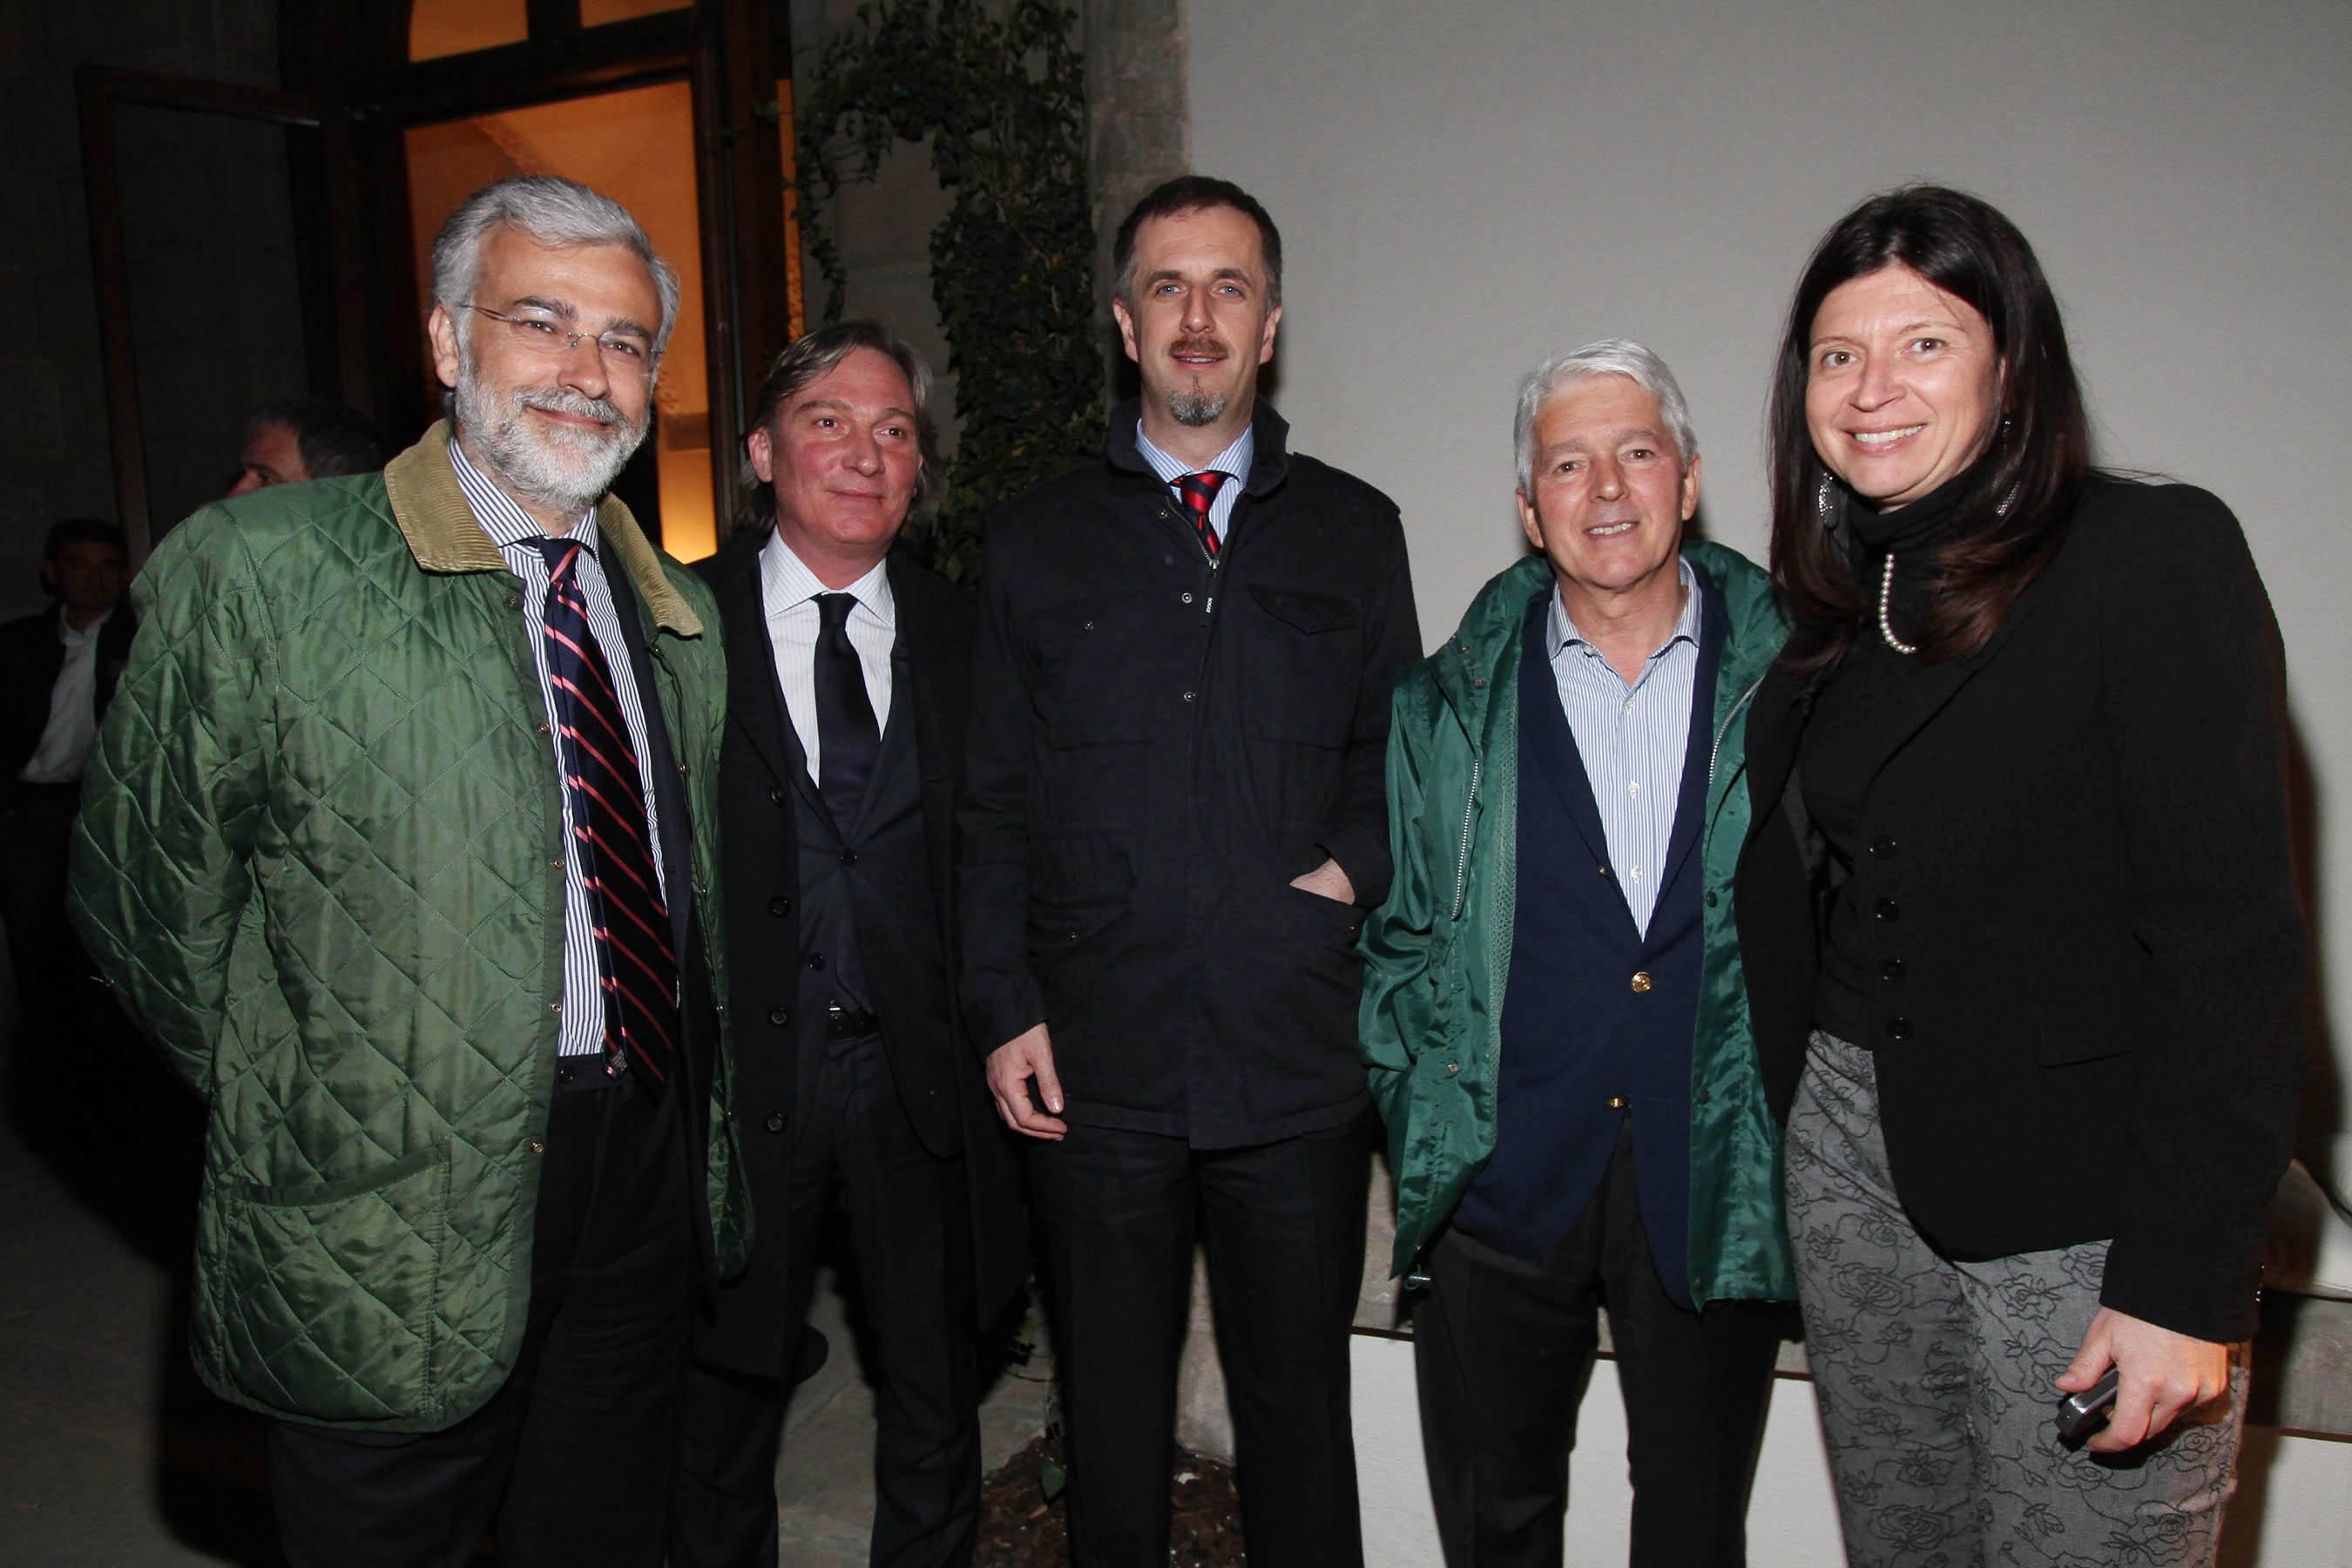 PRESSPHOTO Firenze, festa Firenze Magazine. Nella foto Jacopo Tozzi, Roberto Franceschi, Alessandro Tarducci, Luciano Castellucci e Silvia Biagiotti